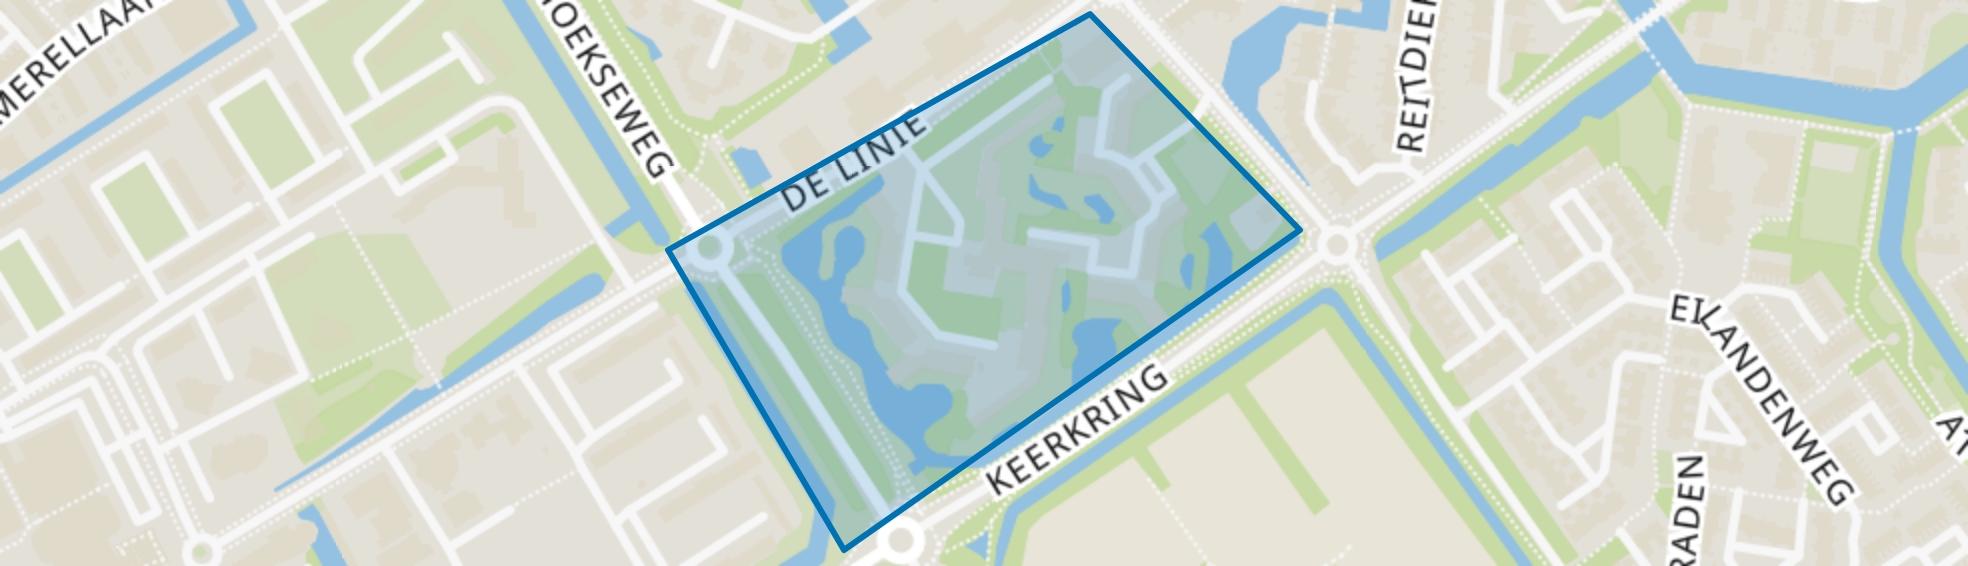 De Baronie, Capelle aan den IJssel map